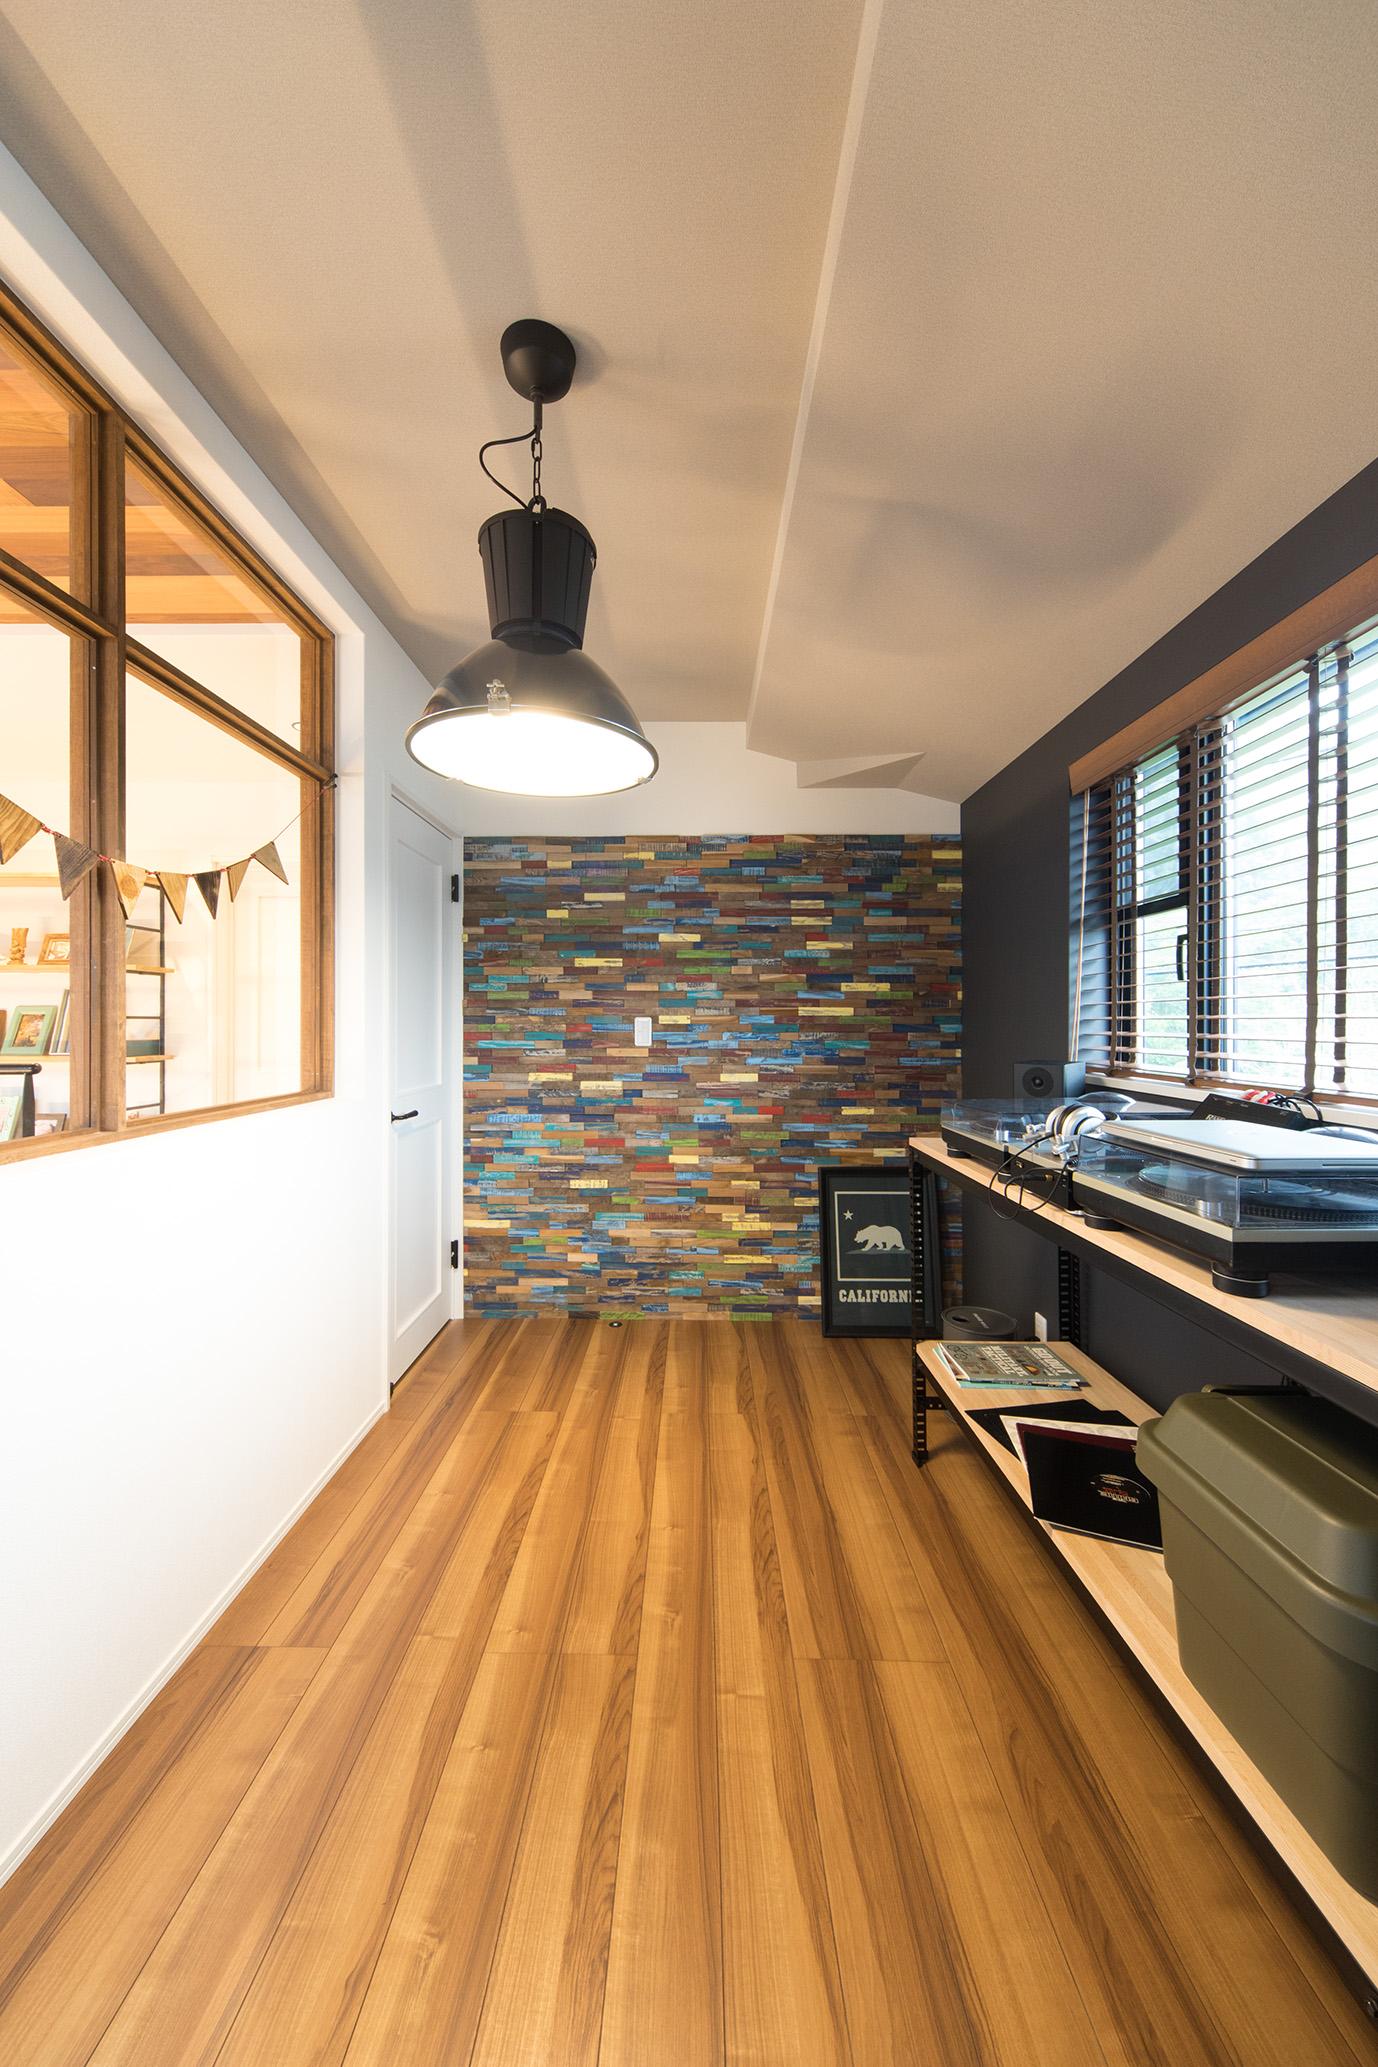 MinerBaseStudio/ミネルベーススタジオ【デザイン住宅、輸入住宅、趣味】2Fのアトリエスペースにはには夫婦の趣味であるDJブースを設けた